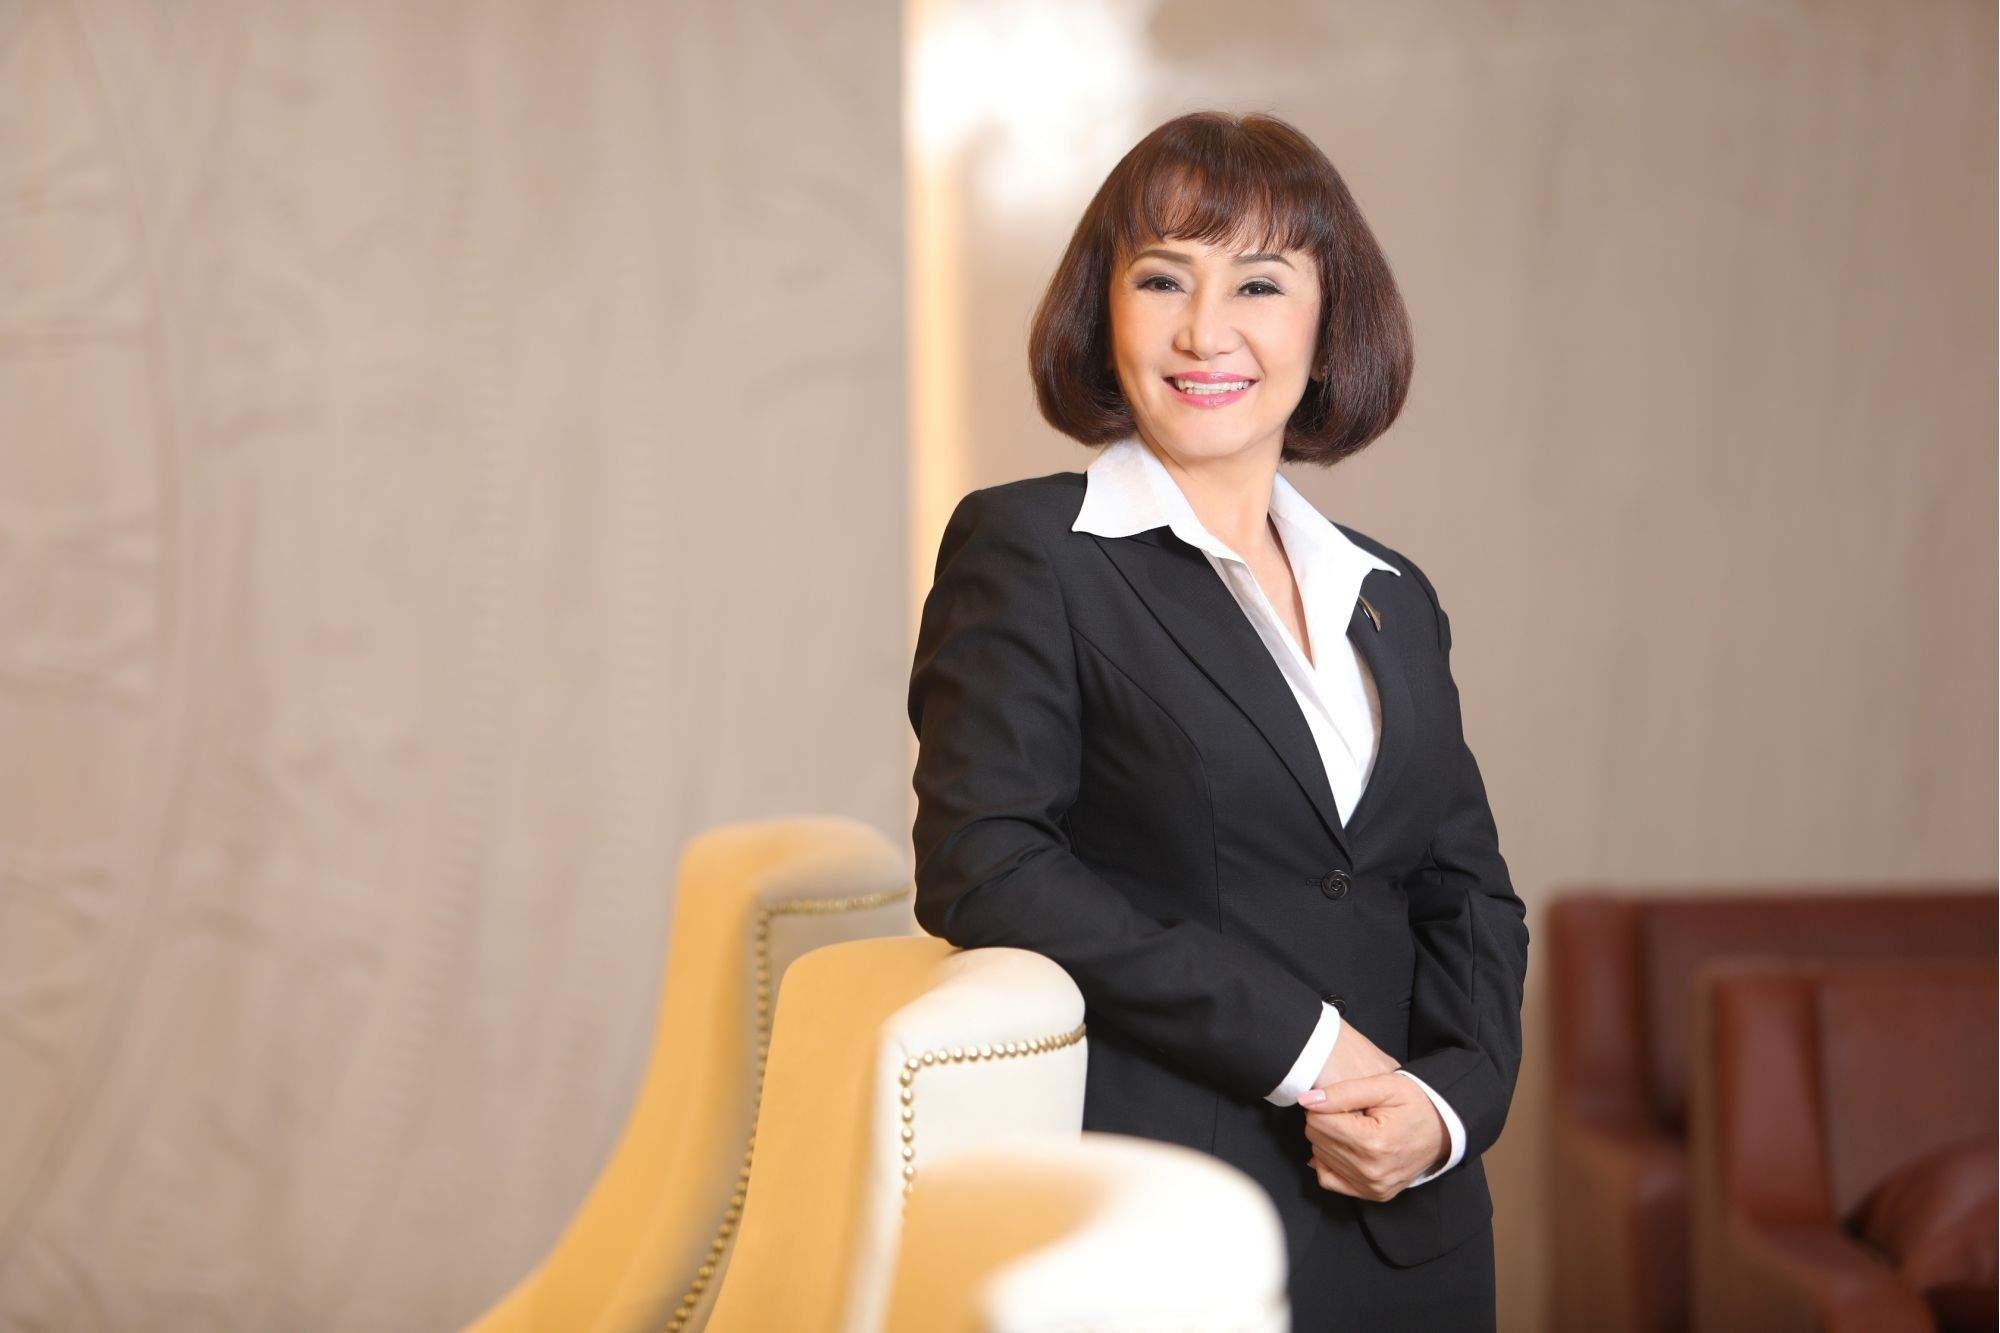 Bà Huỳnh Bích Ngọc - Người giữ lửa đam mê cho ngành đường việt nam